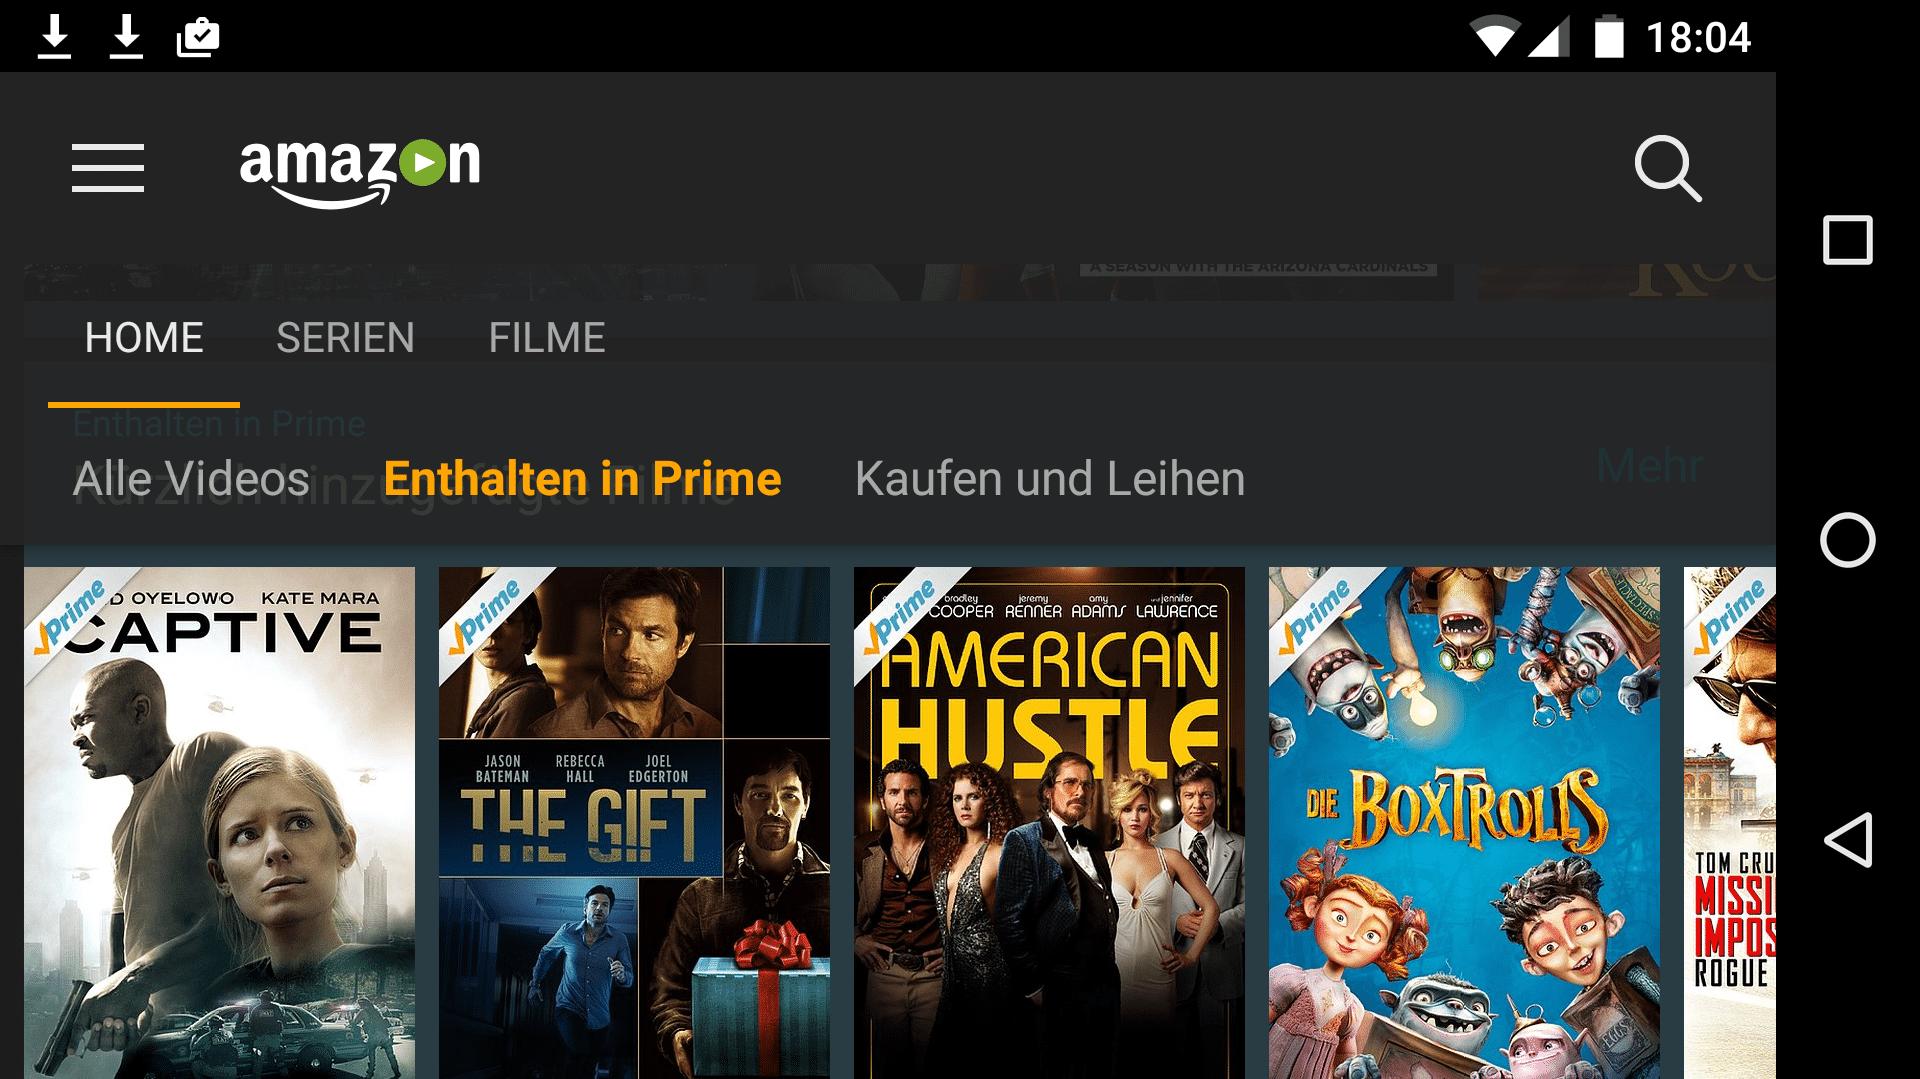 Amzon Prime Instant Video: Filme und Serien auf SD-Karte herunterladen